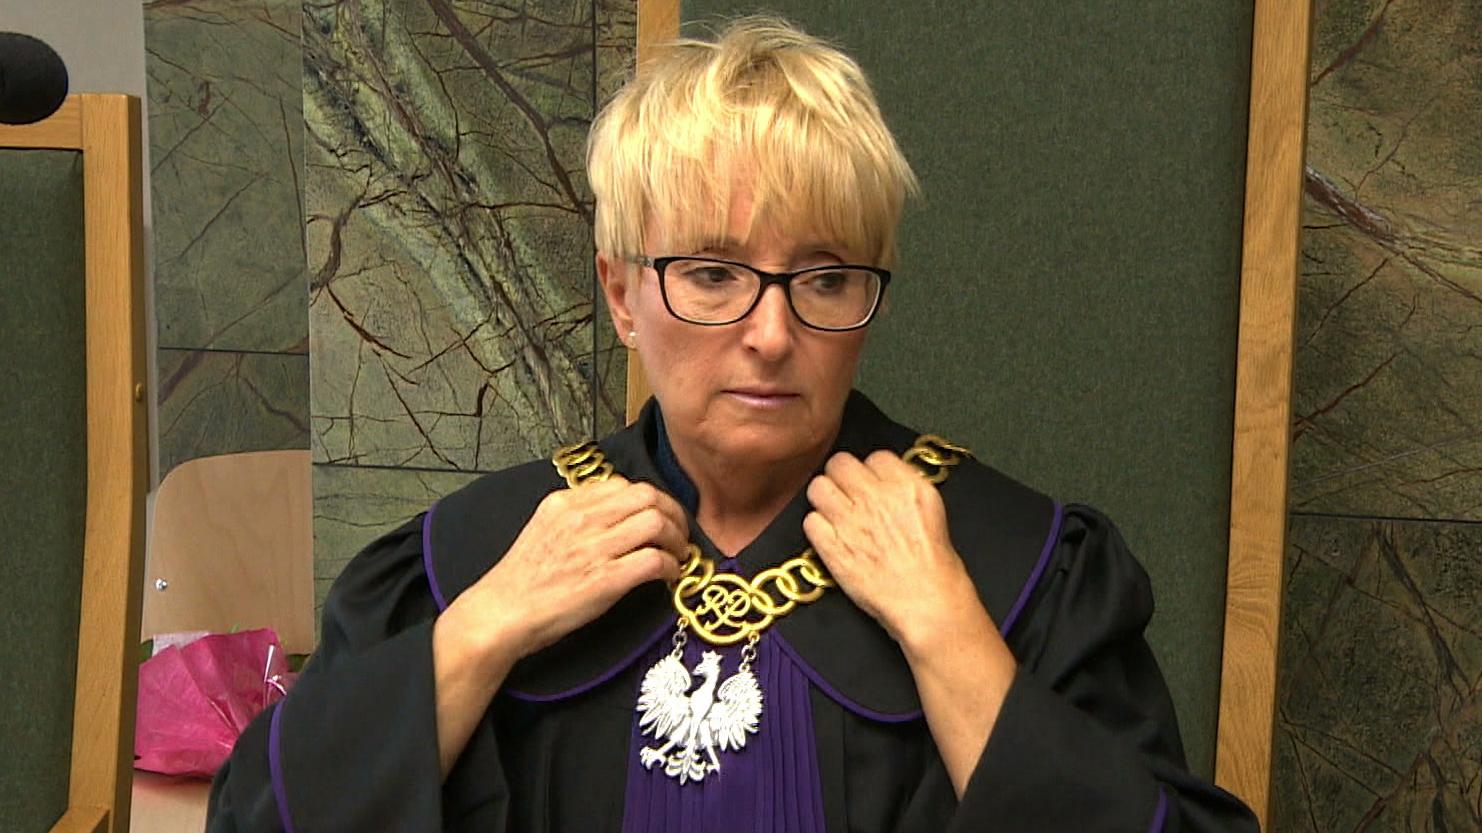 08.06.2021 | Izba Dyscyplinarna SN podjęła decyzję. Beata Morawiec może wrócić do orzekania